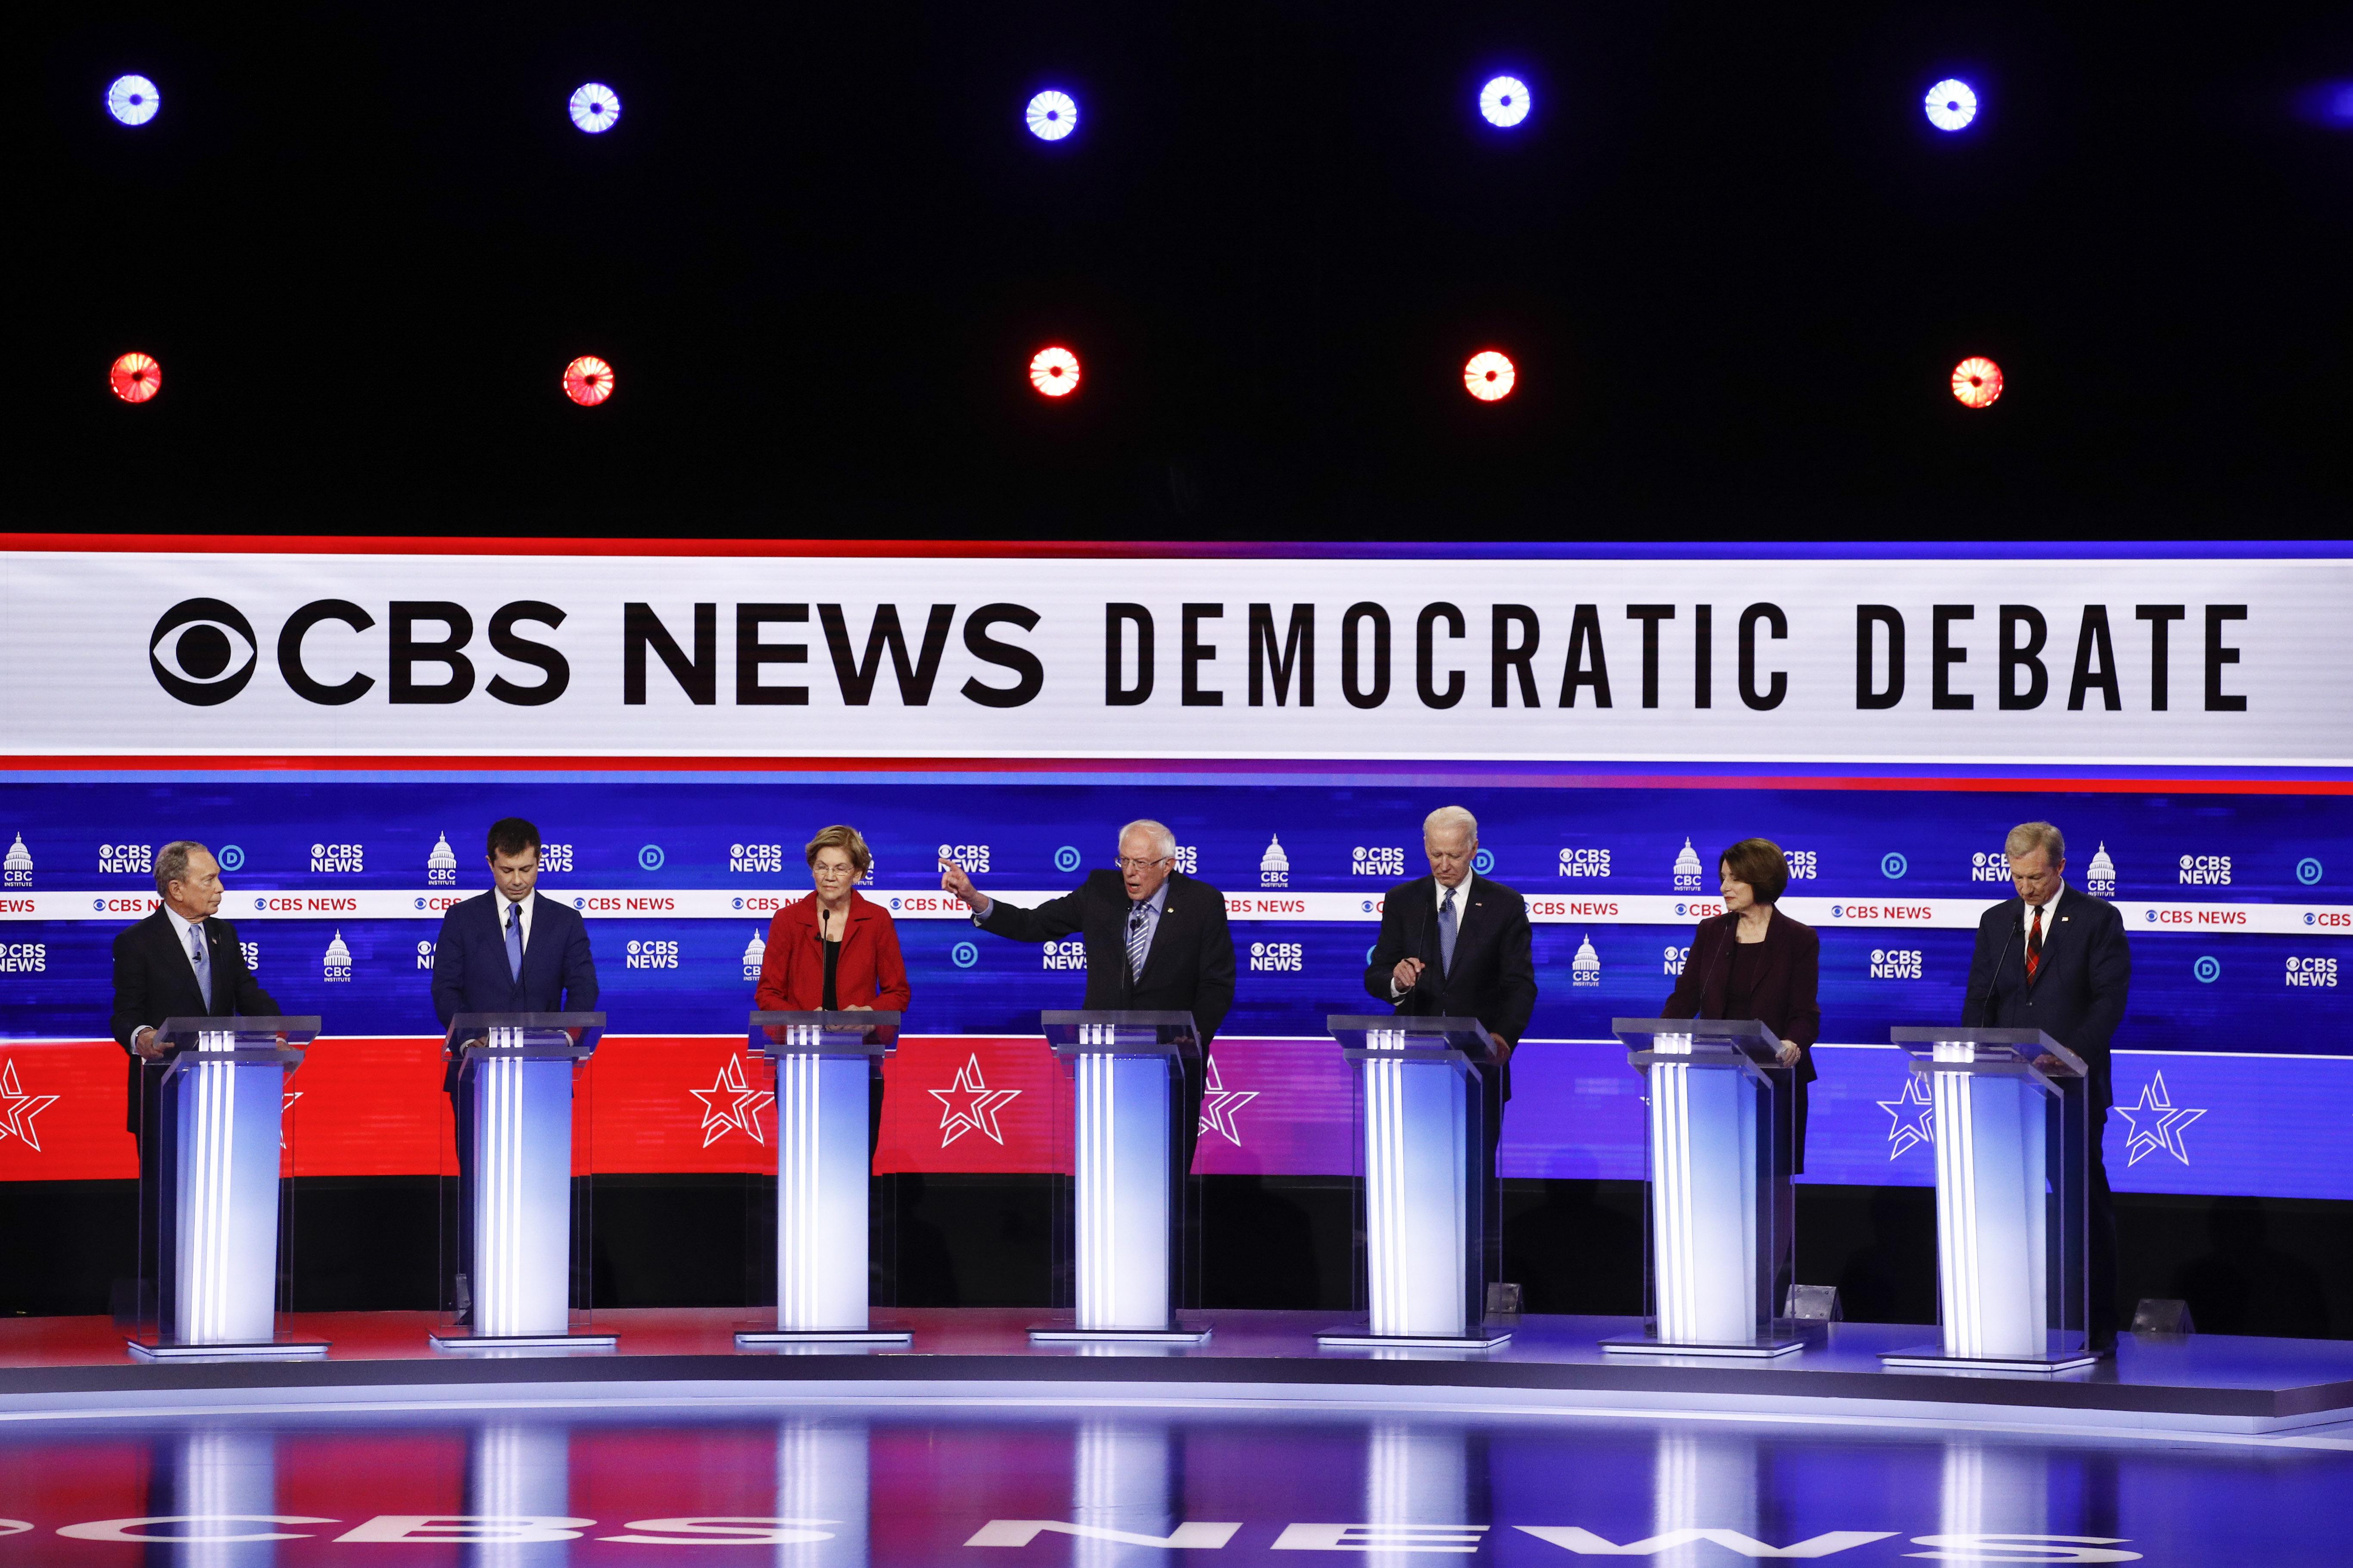 FULL RECAP: Democratic presidential hopefuls debate in South Carolina